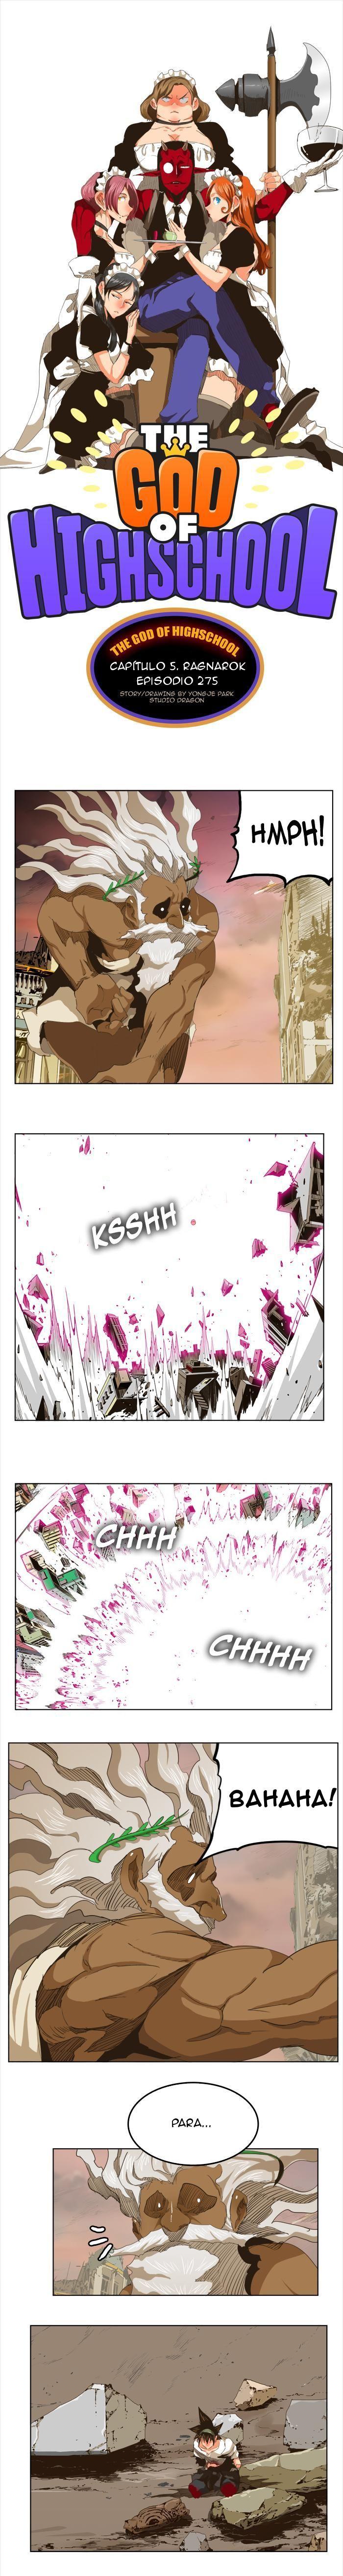 http://c5.ninemanga.com/es_manga/pic2/37/485/503486/d9ff308d6785fbd2700e8b404900047e.jpg Page 2